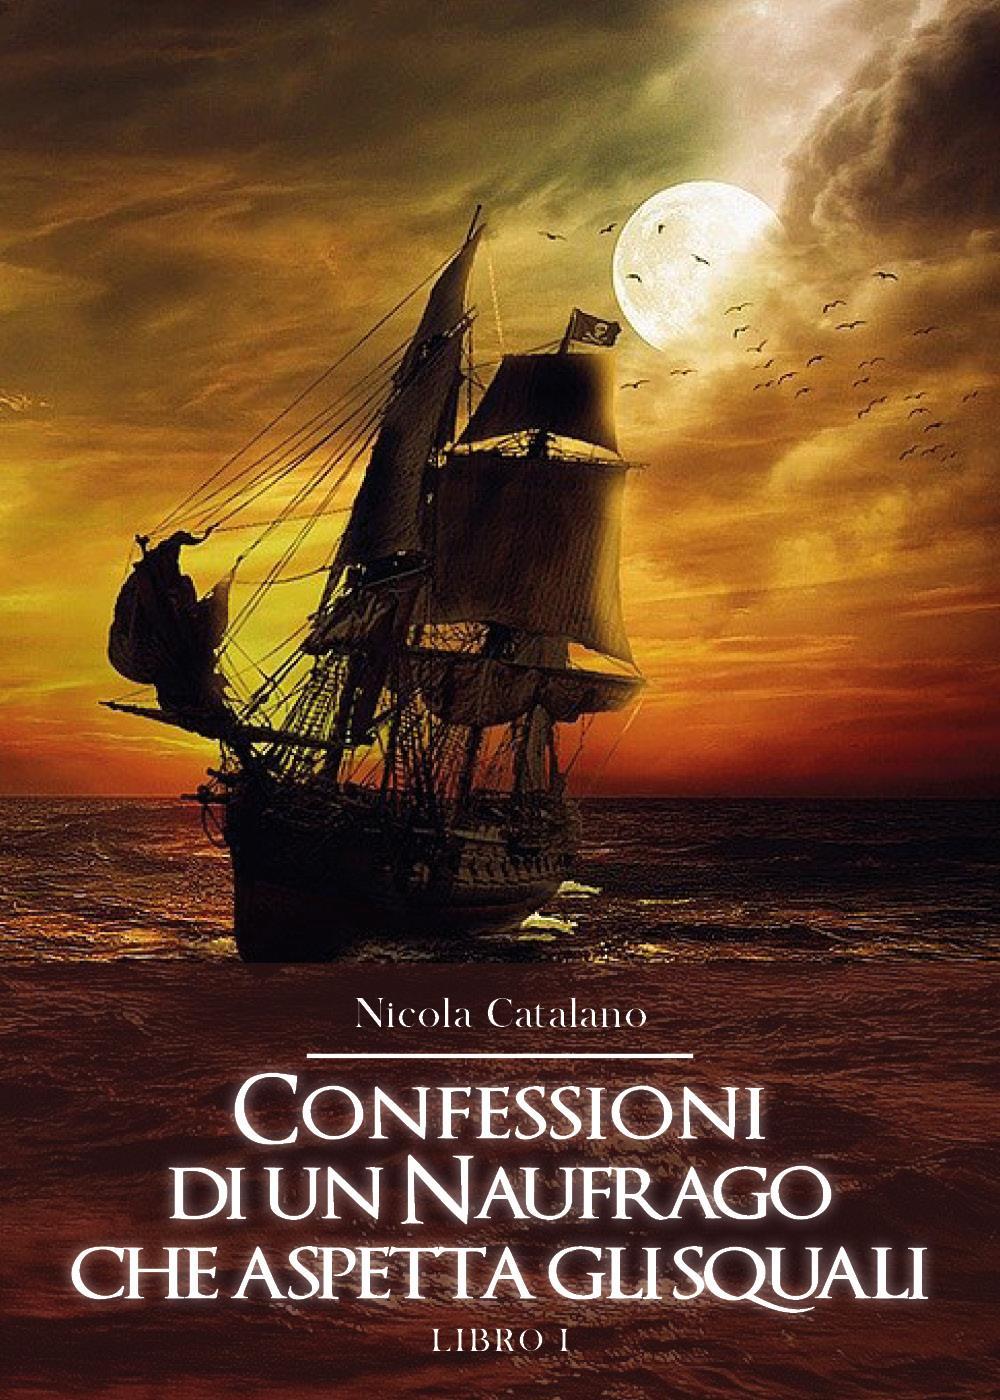 Confessioni di un Naufrago che aspetta gli squali.